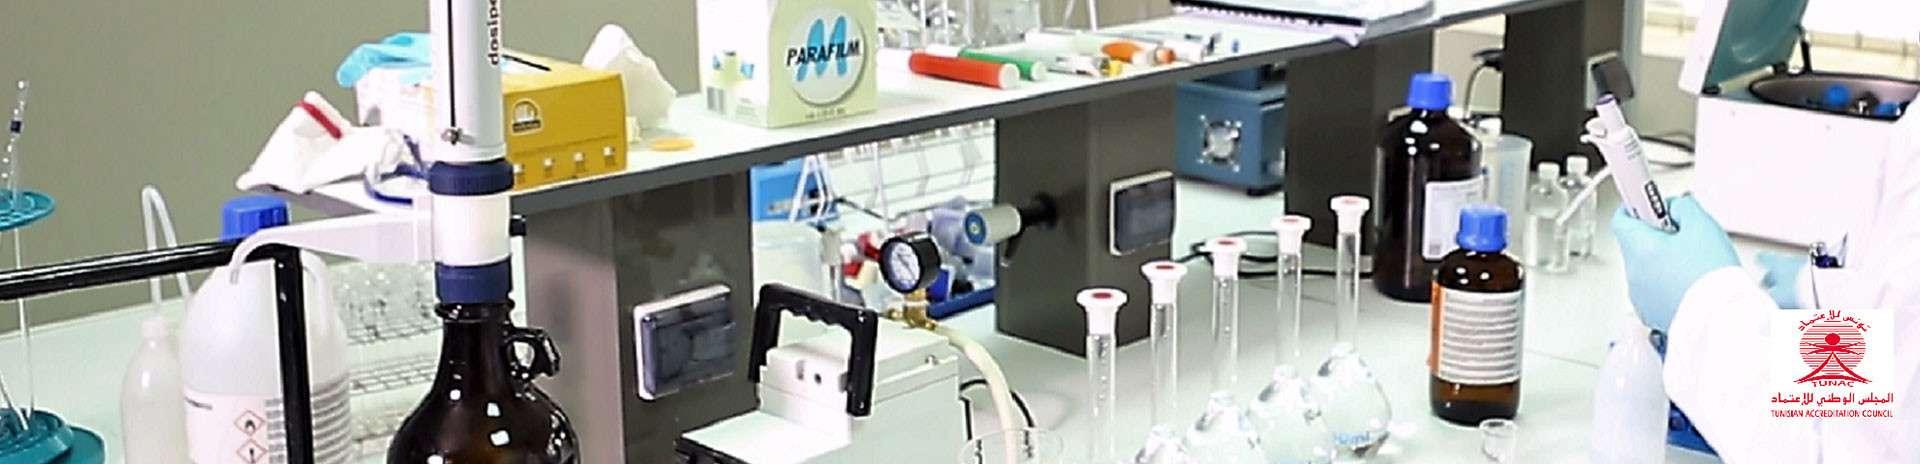 Laboratoire chimique